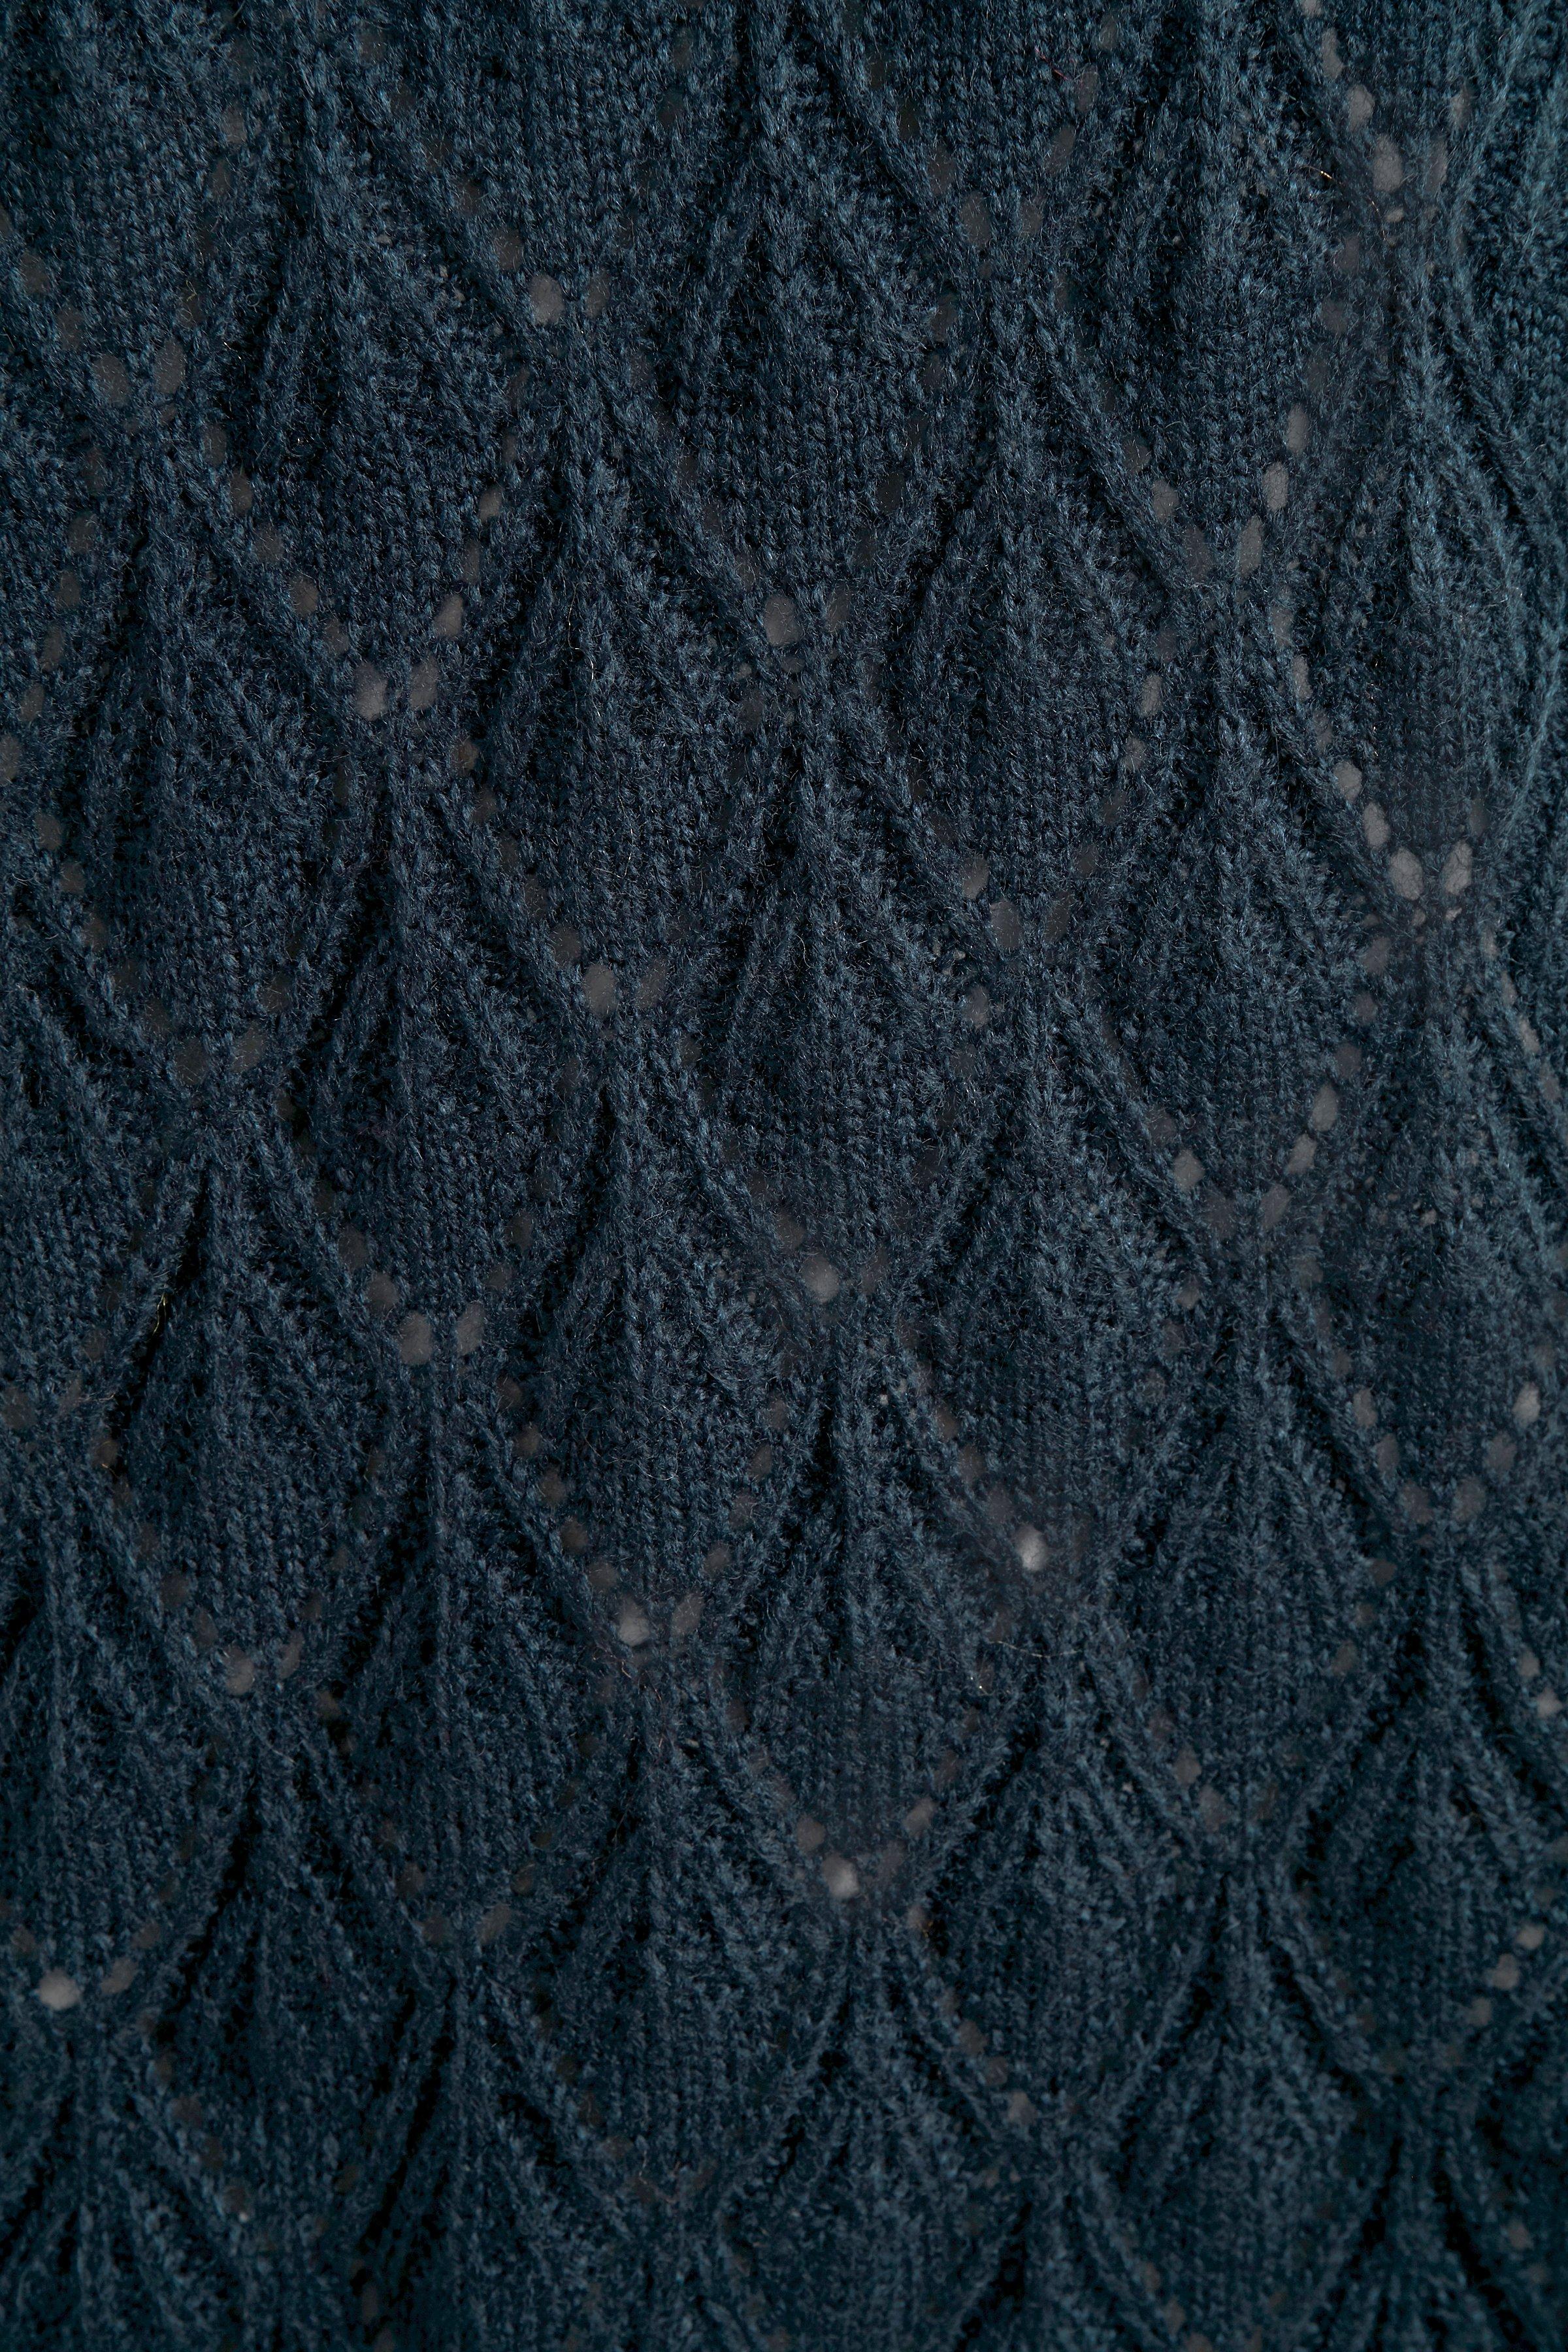 Marineblau Strickpullover von Kaffe – Shoppen SieMarineblau Strickpullover ab Gr. XS-XXL hier